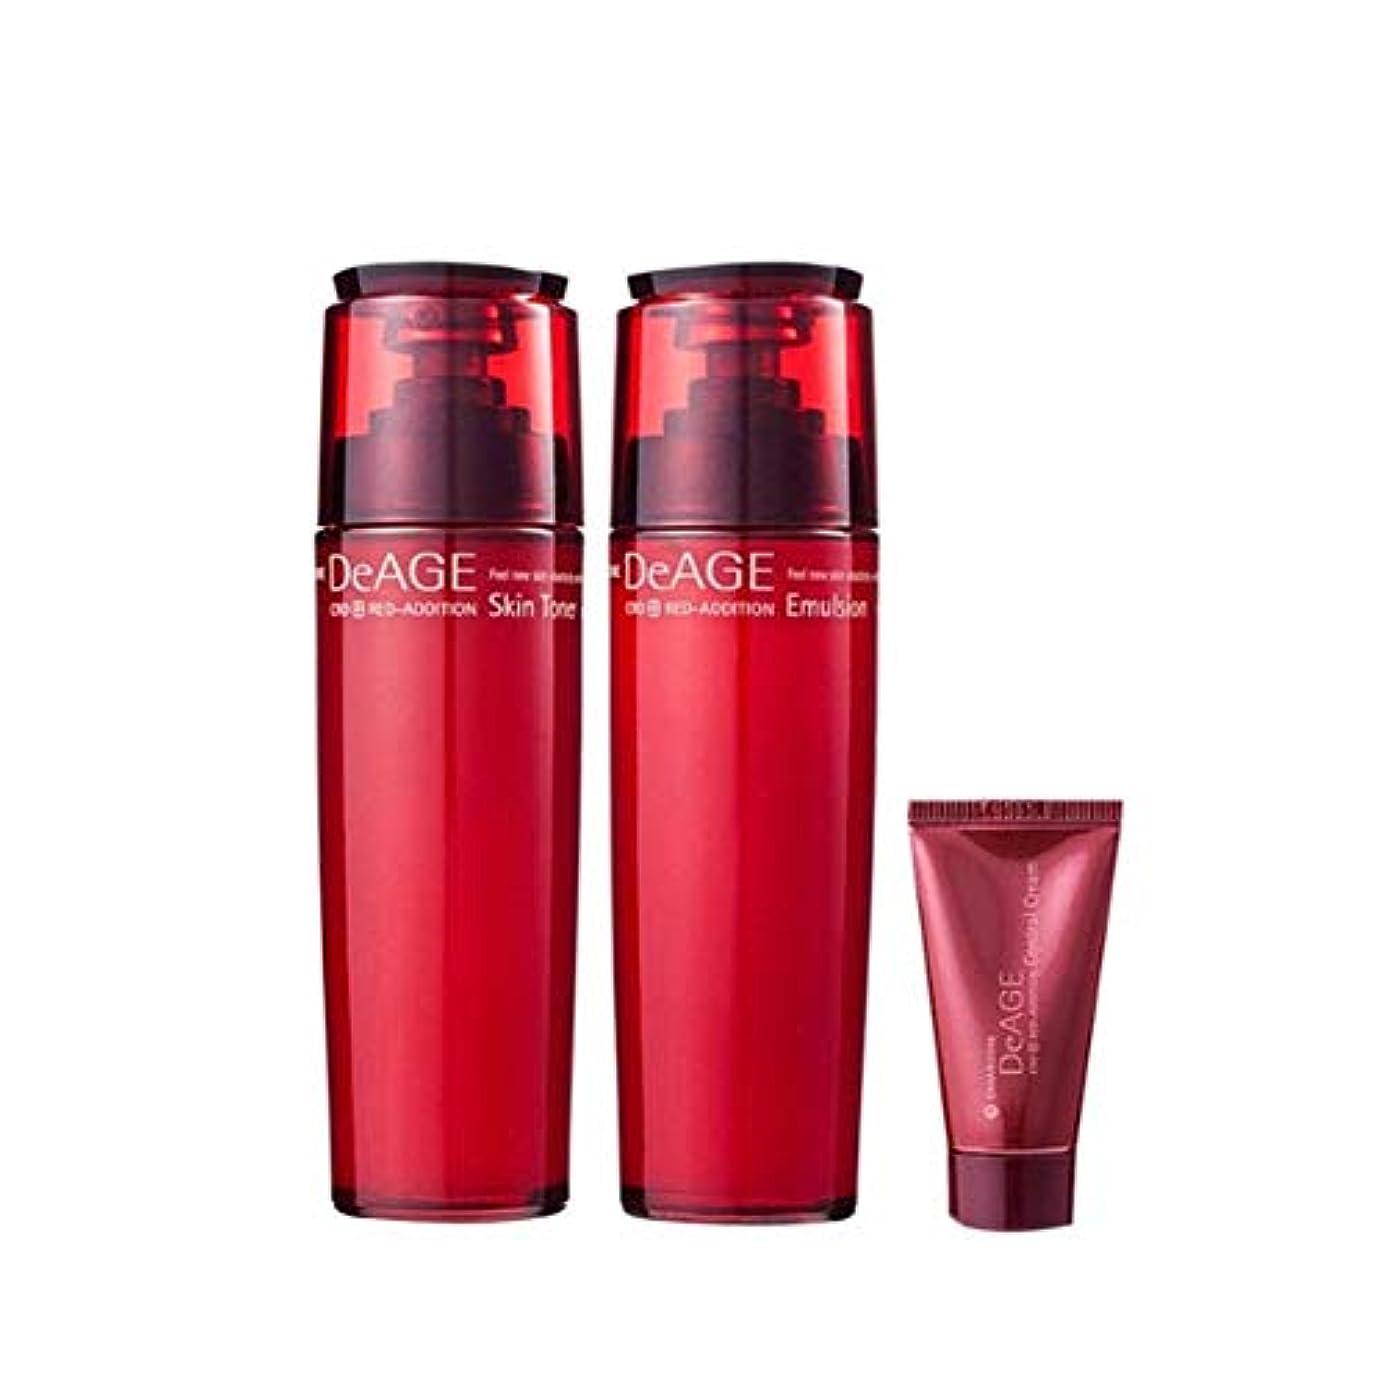 雪だるまを作る舌乱気流チャムジョンディエイジレッドエディションセット(スキントナー130ml、エマルジョン130ml、コントロールクリーム15ml)、Charmzone DeAGE Red Addition Set(Skin Toner 130ml...